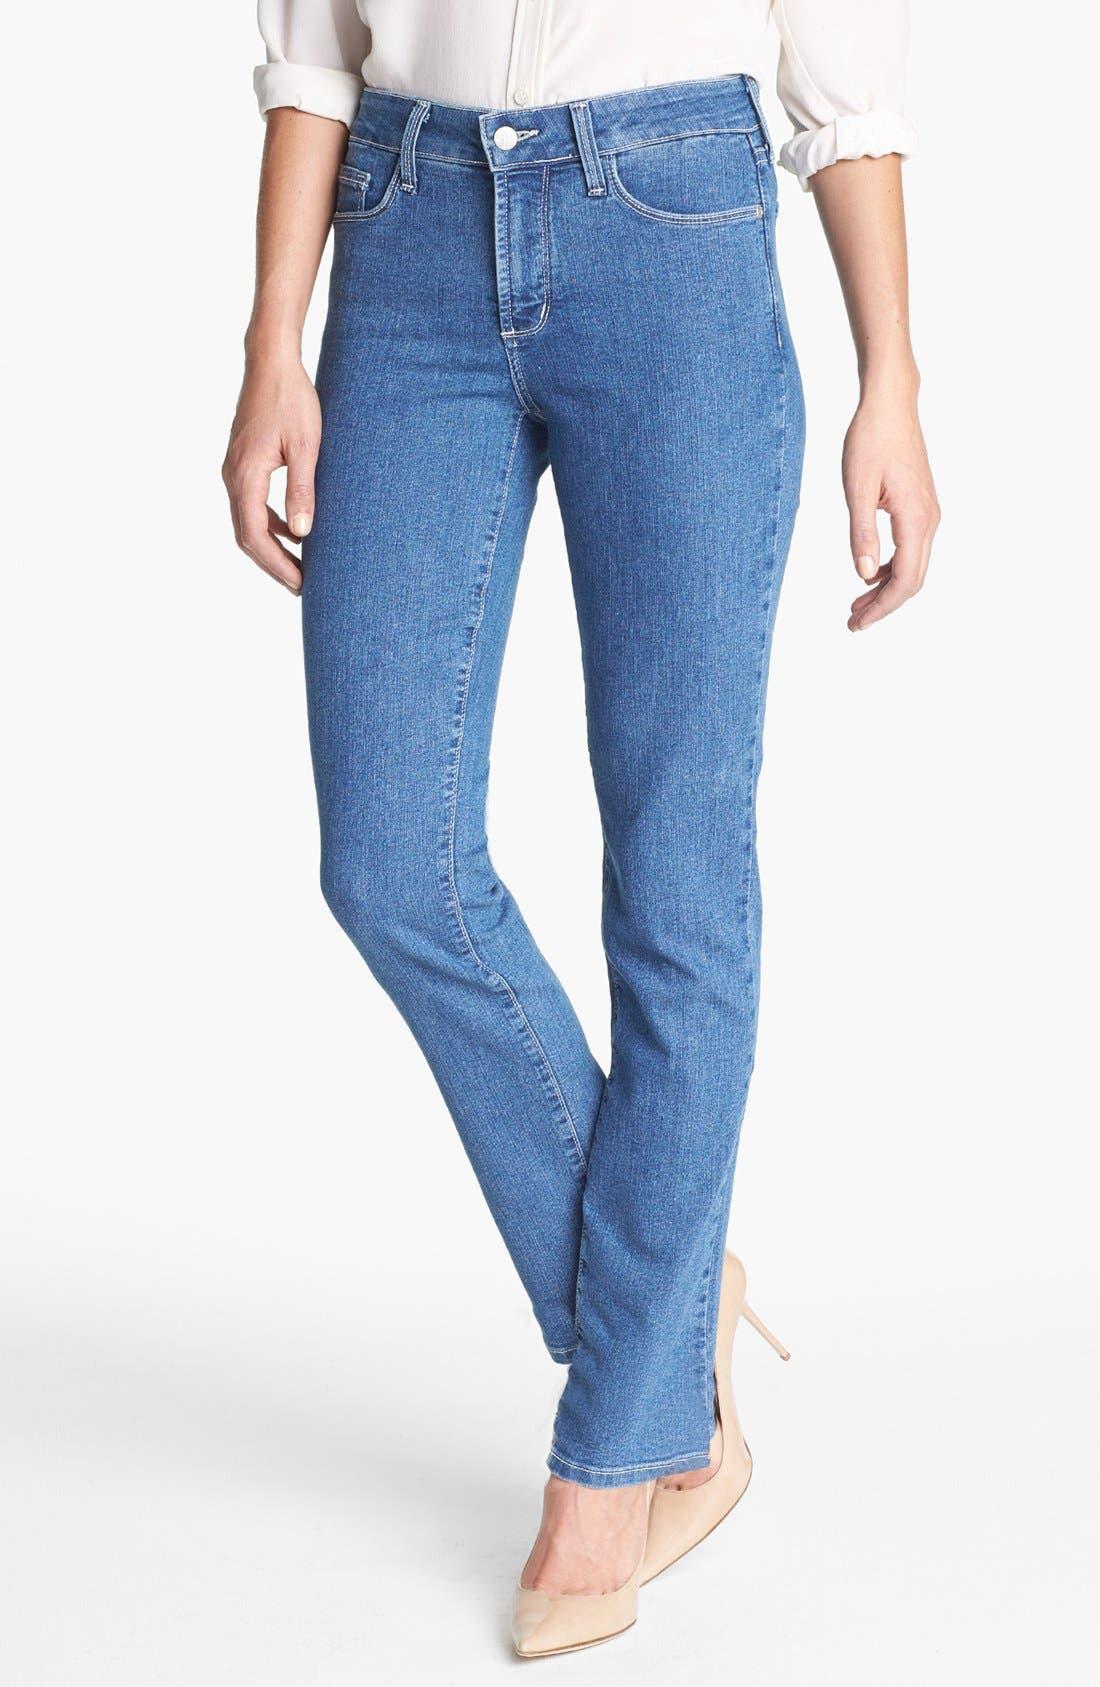 Alternate Image 1 Selected - NYDJ 'Sheri' Embellished Pocket Stretch Skinny Jeans (Maryland)